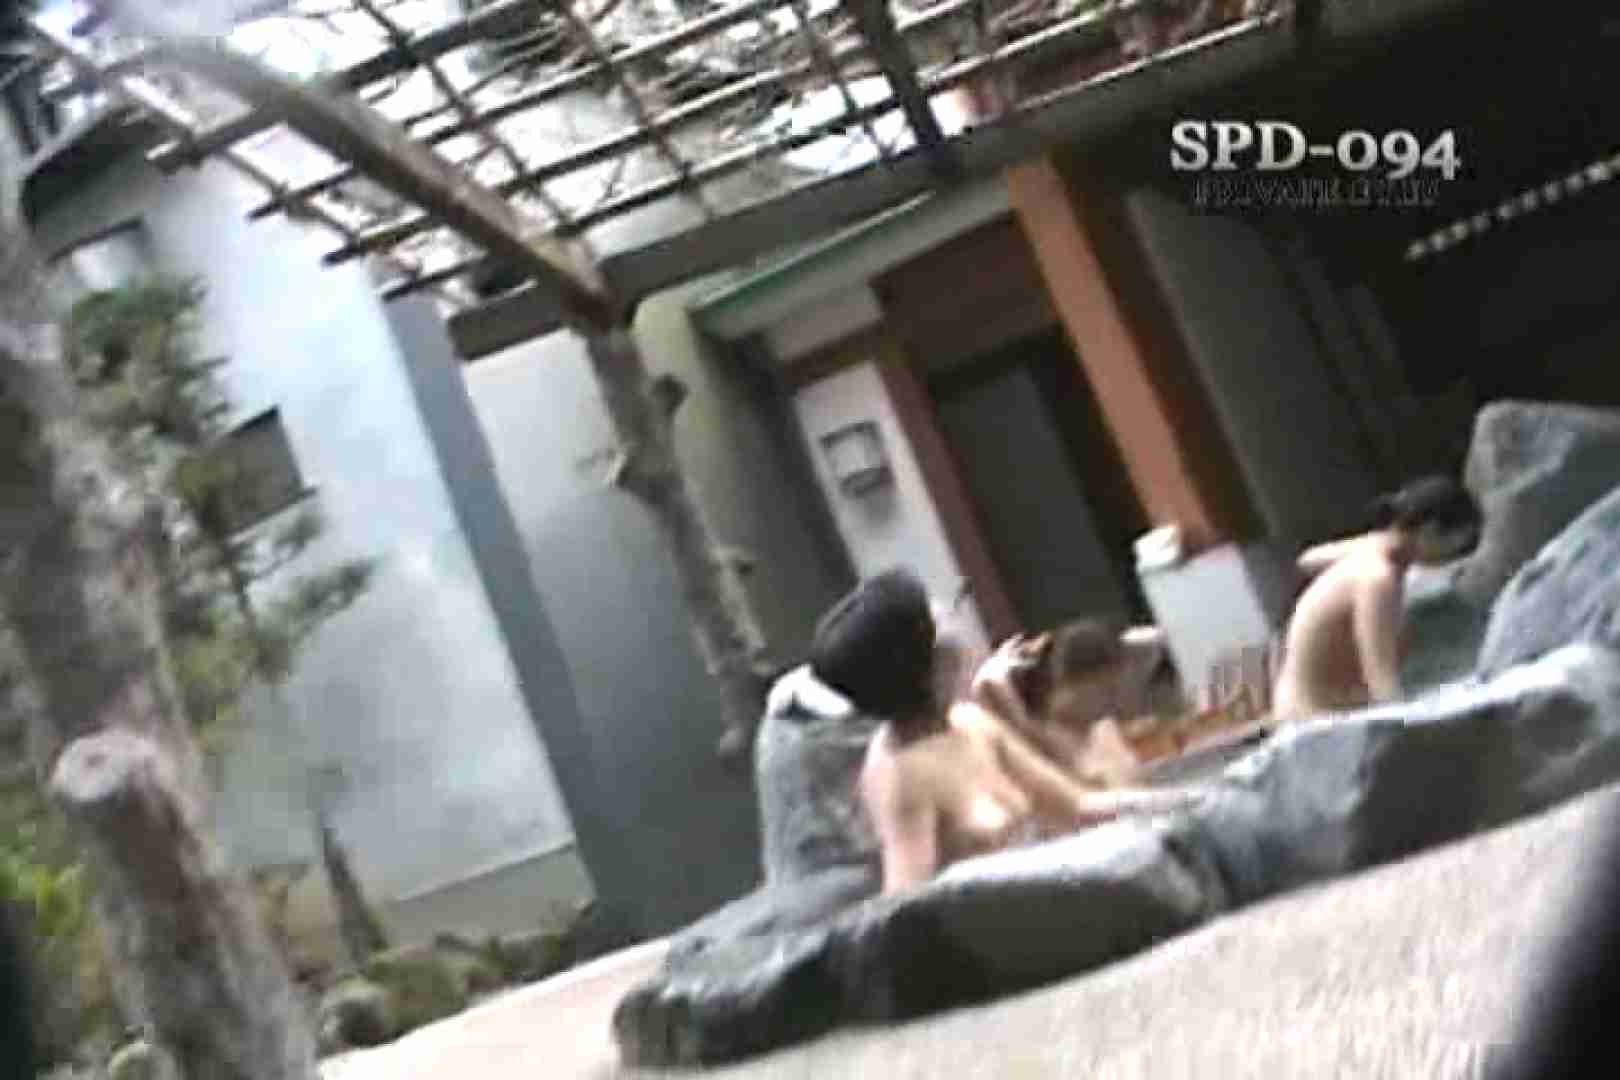 高画質版!SPD-094 盗・湯めぐり壱 高画質  109連発 54